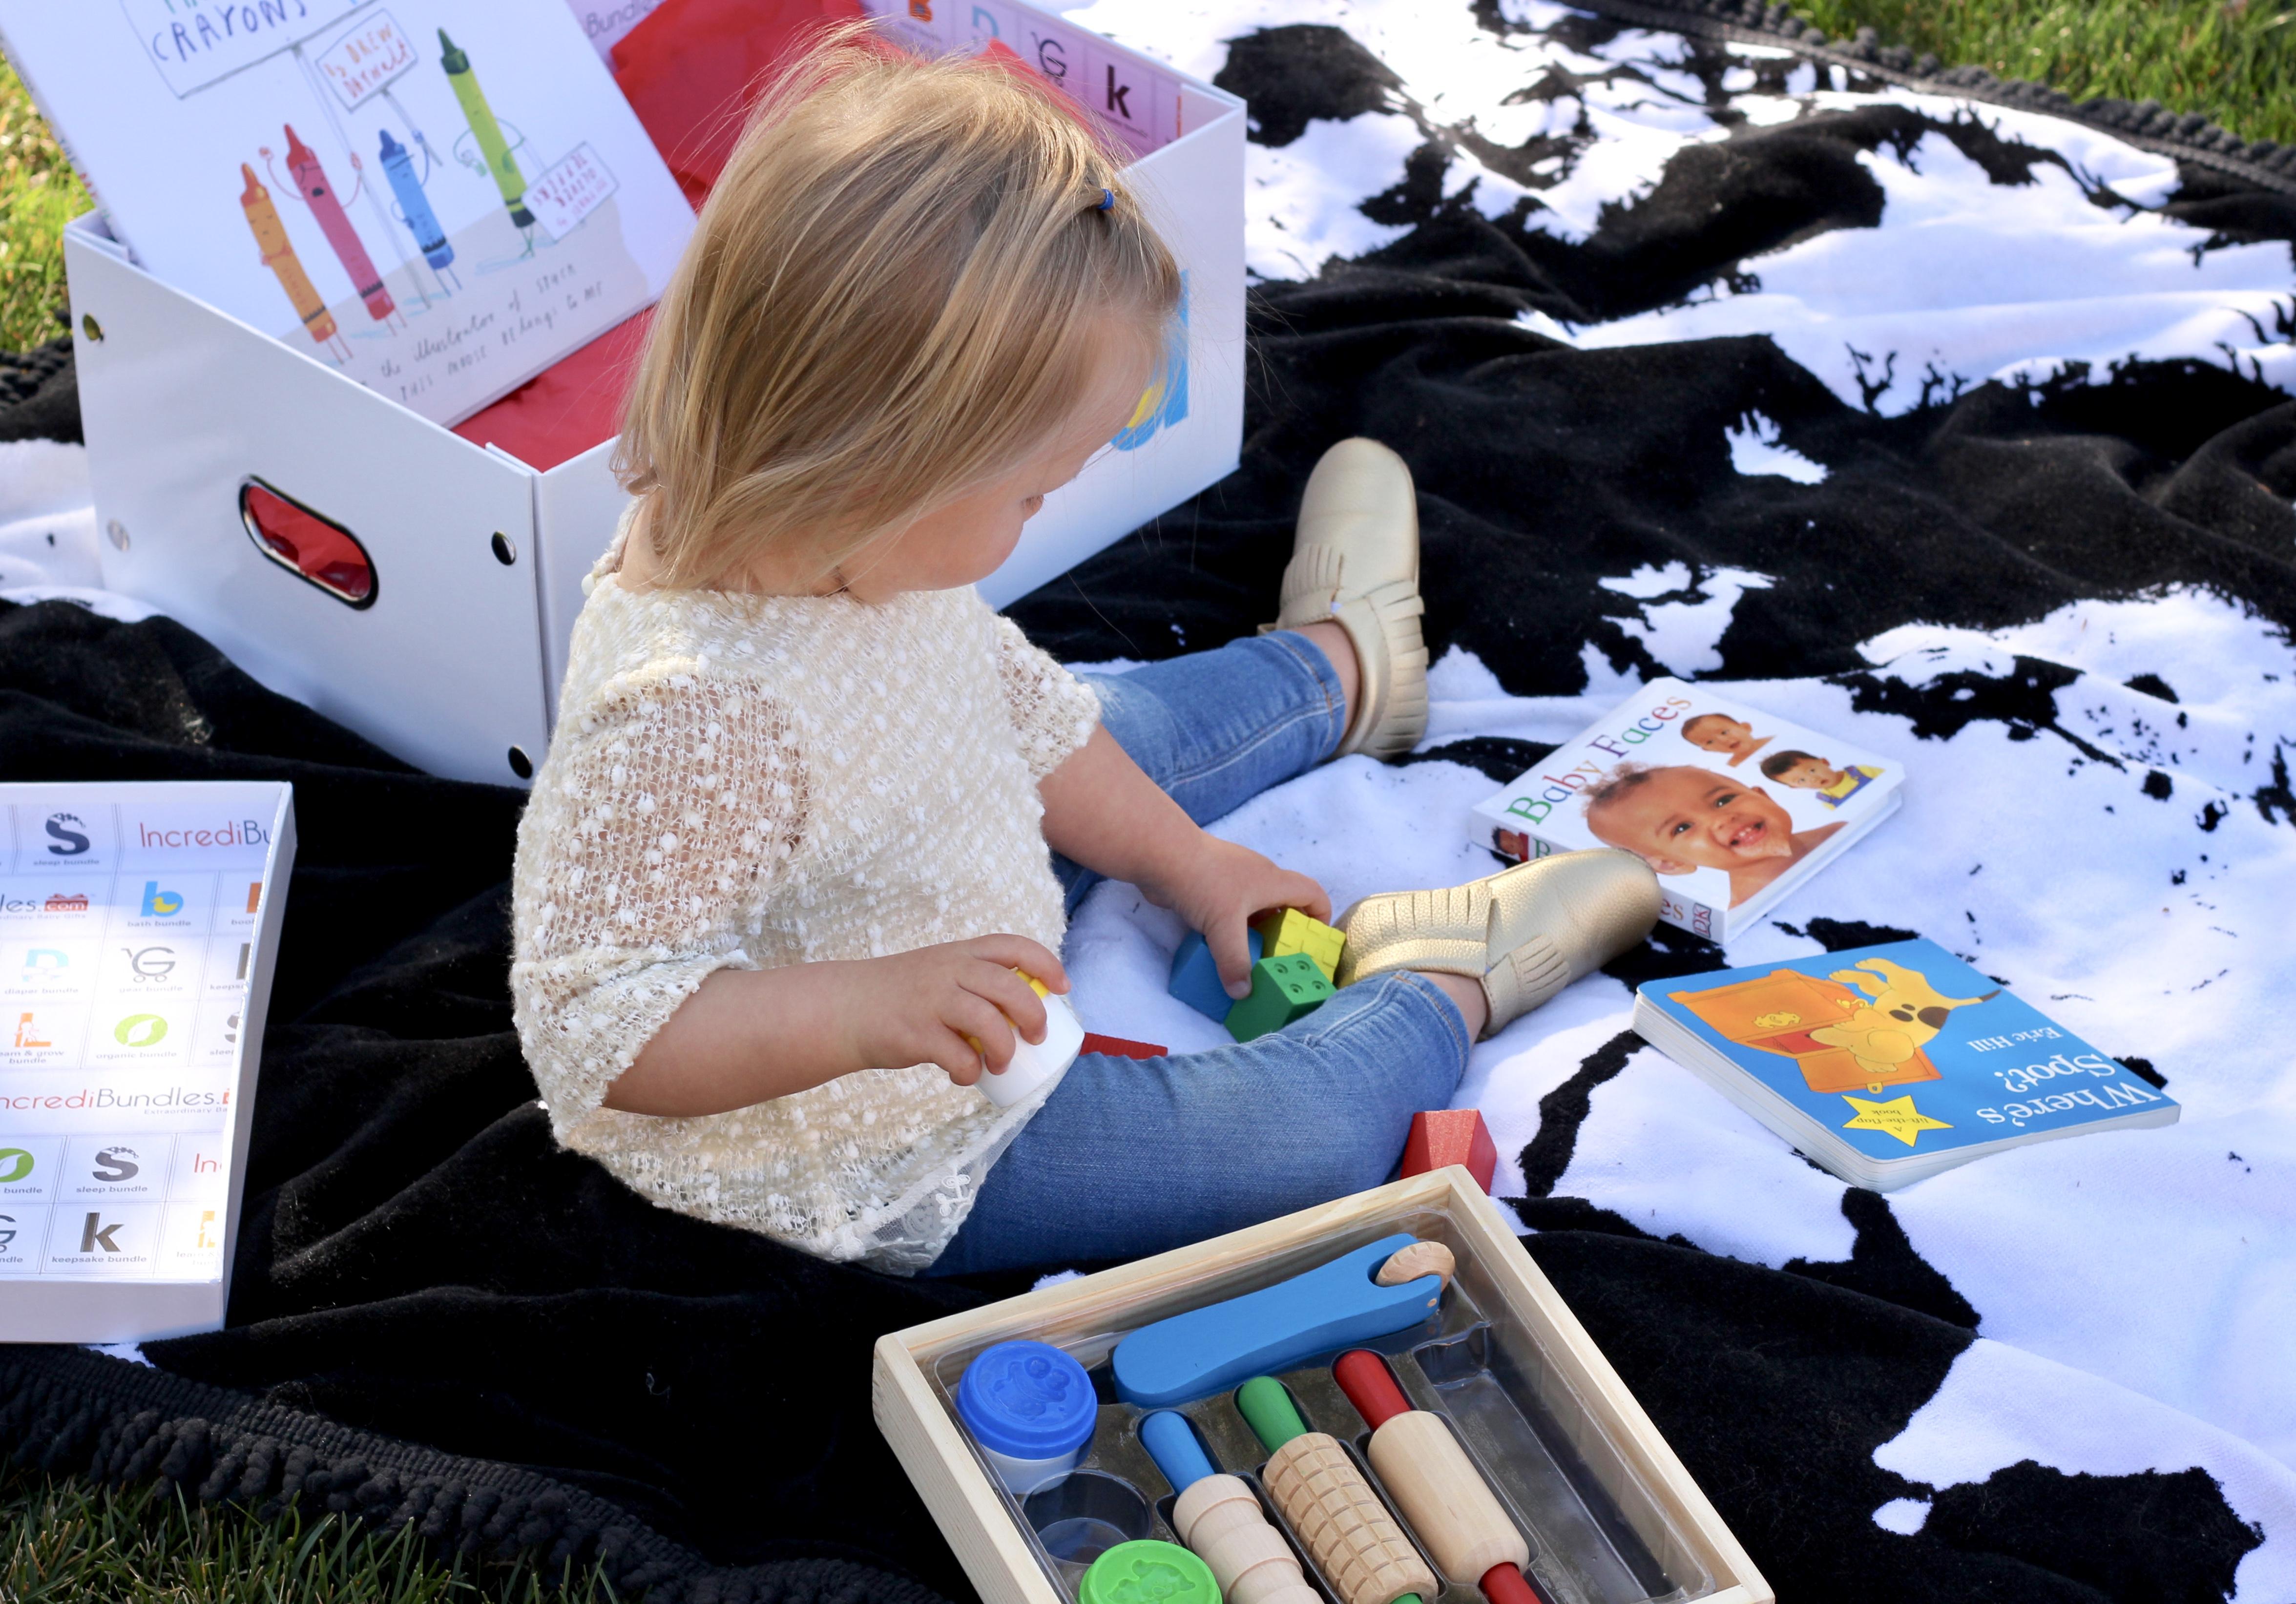 Incredibundles gift box for toddlers